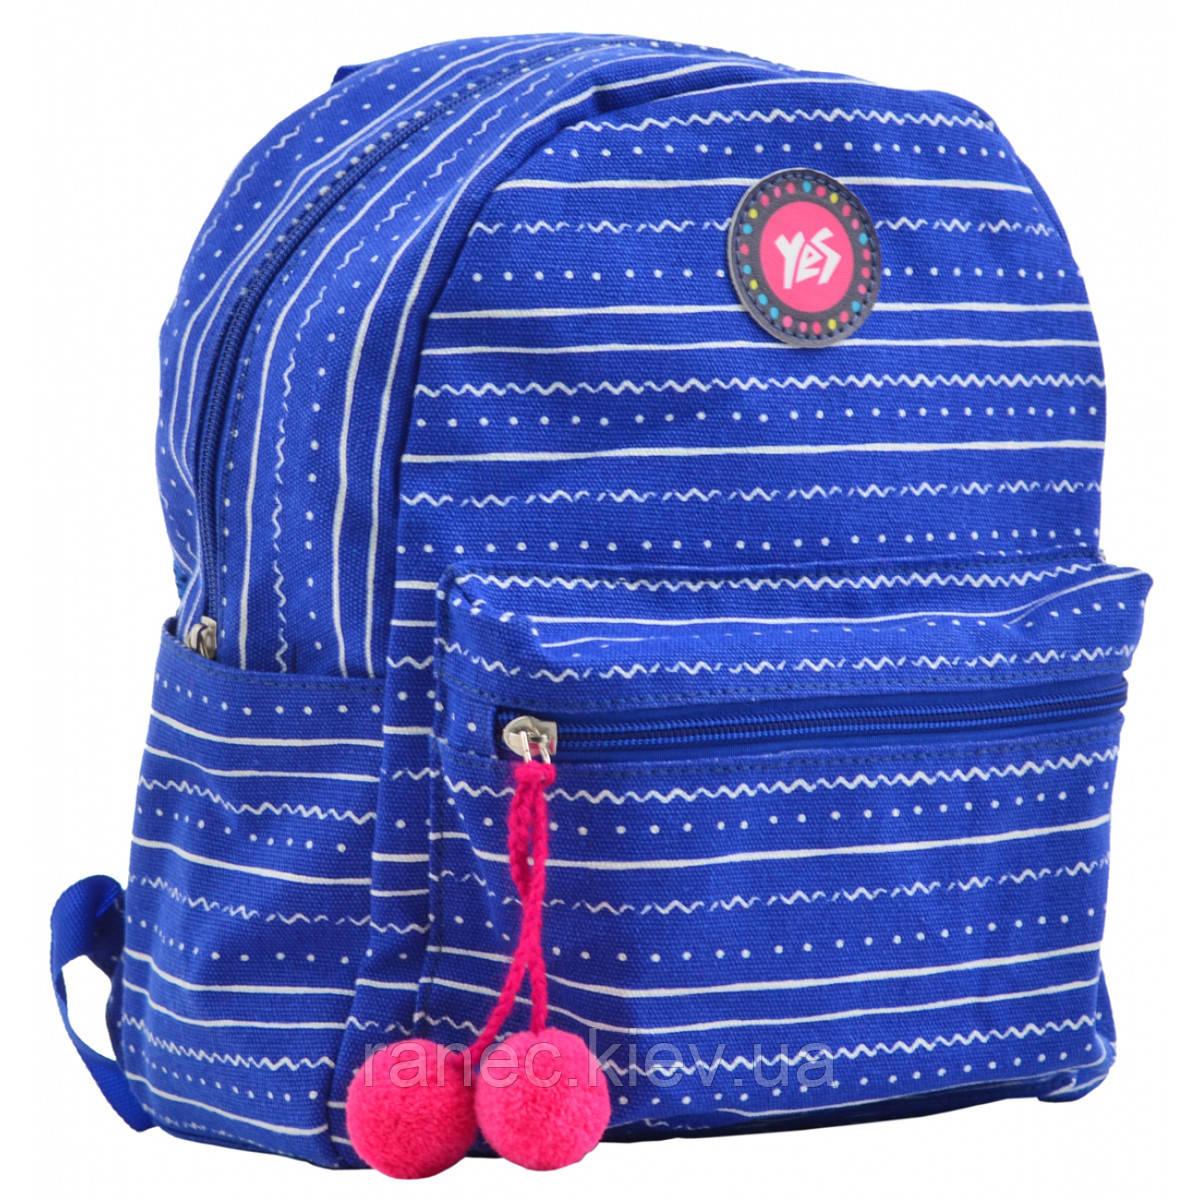 Рюкзак молодежный ST-32 Weave 28*22*12 555440 Yes